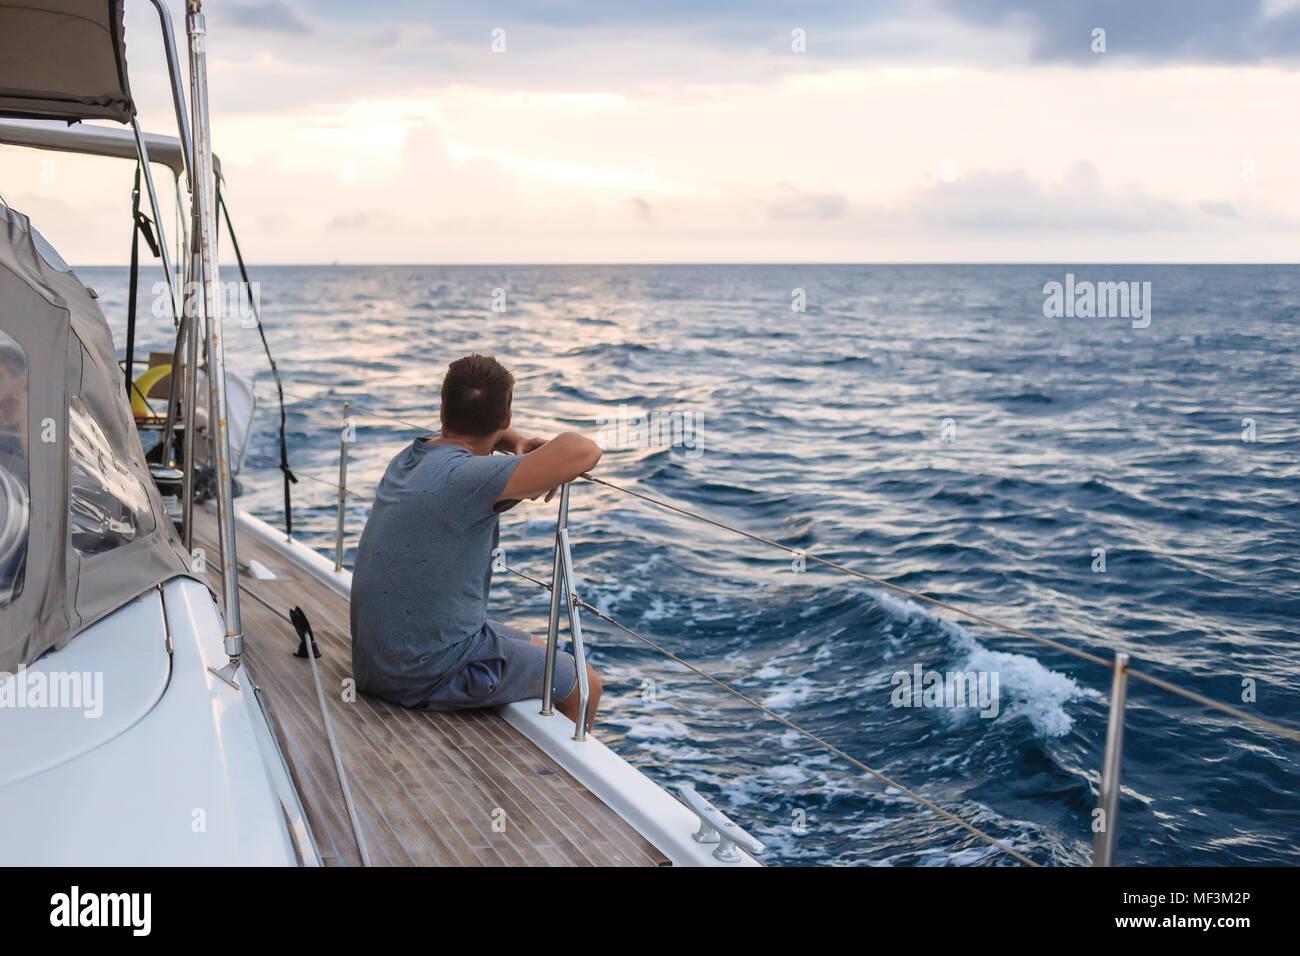 L'Indonésie, l'île de Lombok, l'homme assis sur le pont d'un bateau à voile Photo Stock